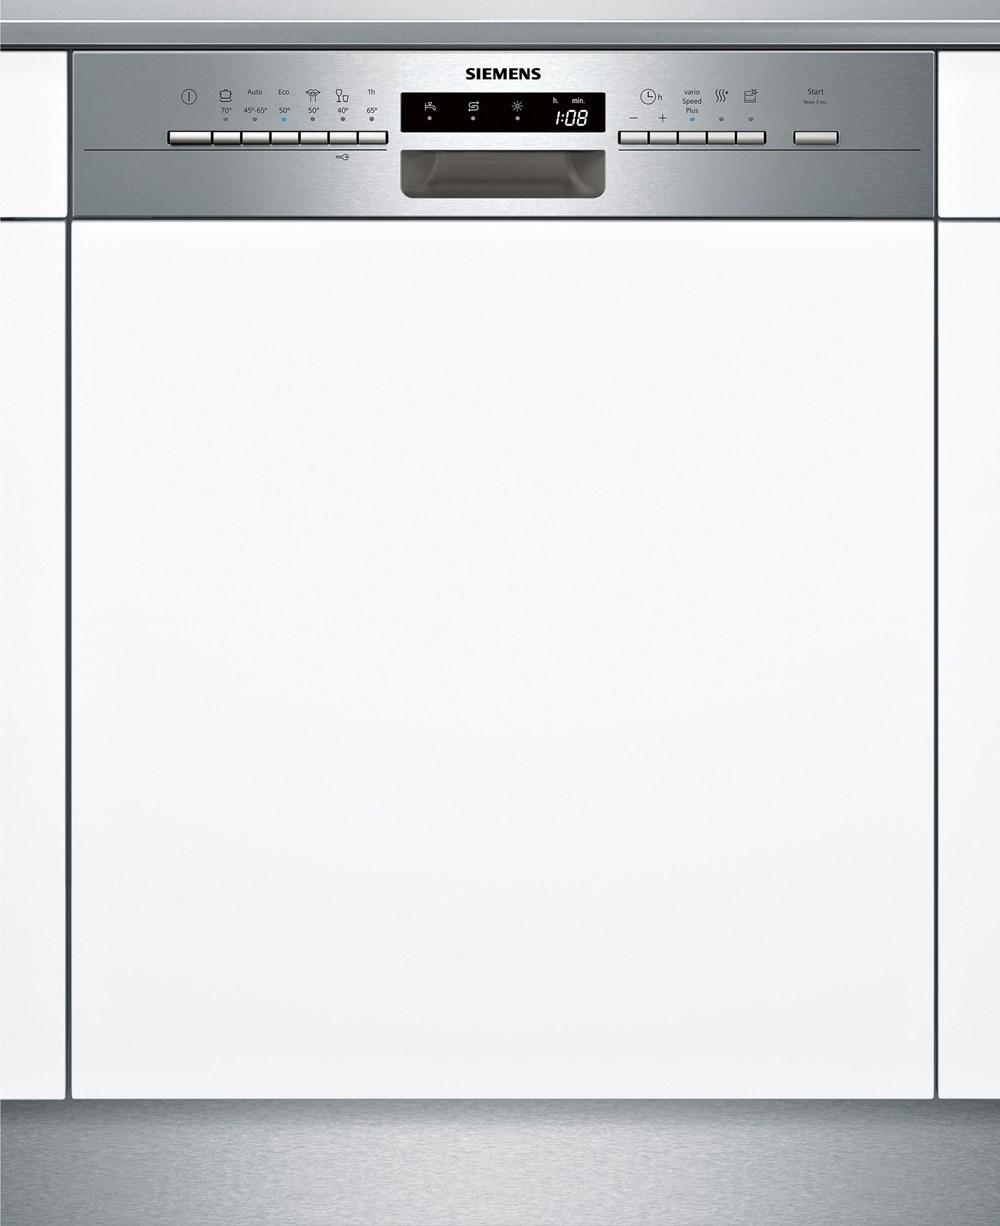 siemens sn536s00ie preisvergleich 60 cm breite g nstig kaufen bei. Black Bedroom Furniture Sets. Home Design Ideas